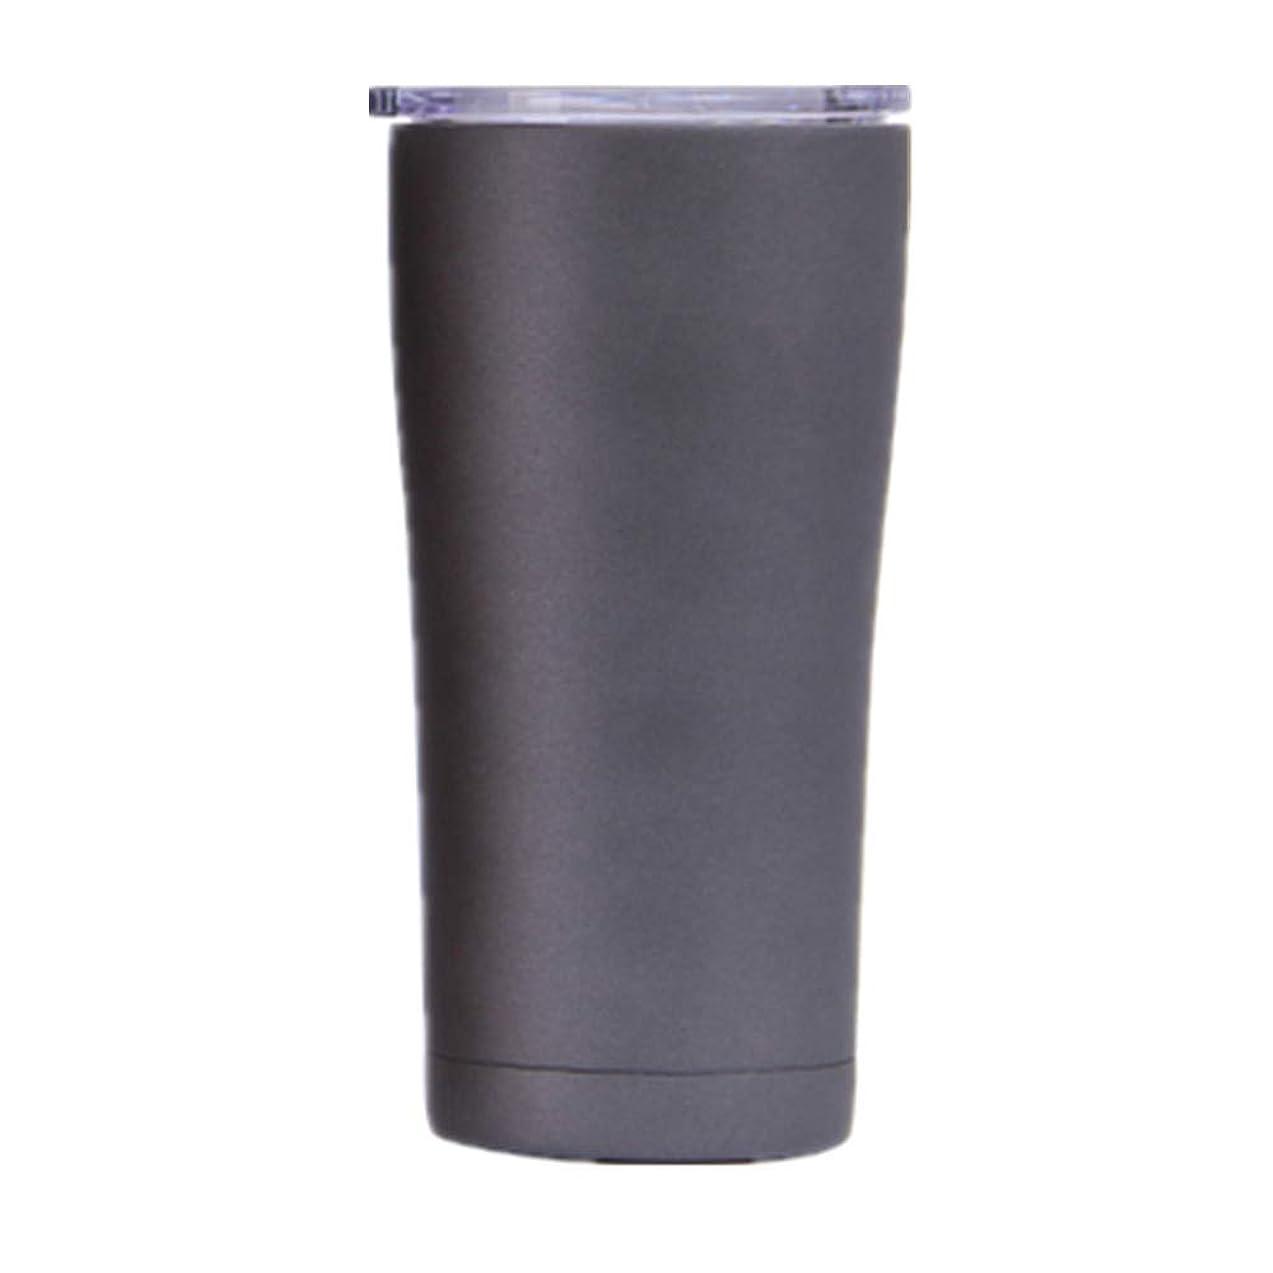 ピルファーメイド探検真空断熱 タンブラー ふた おしゃれ ステンレス保温 コーヒー カップ ペア 560ml 2色セット ペアセット